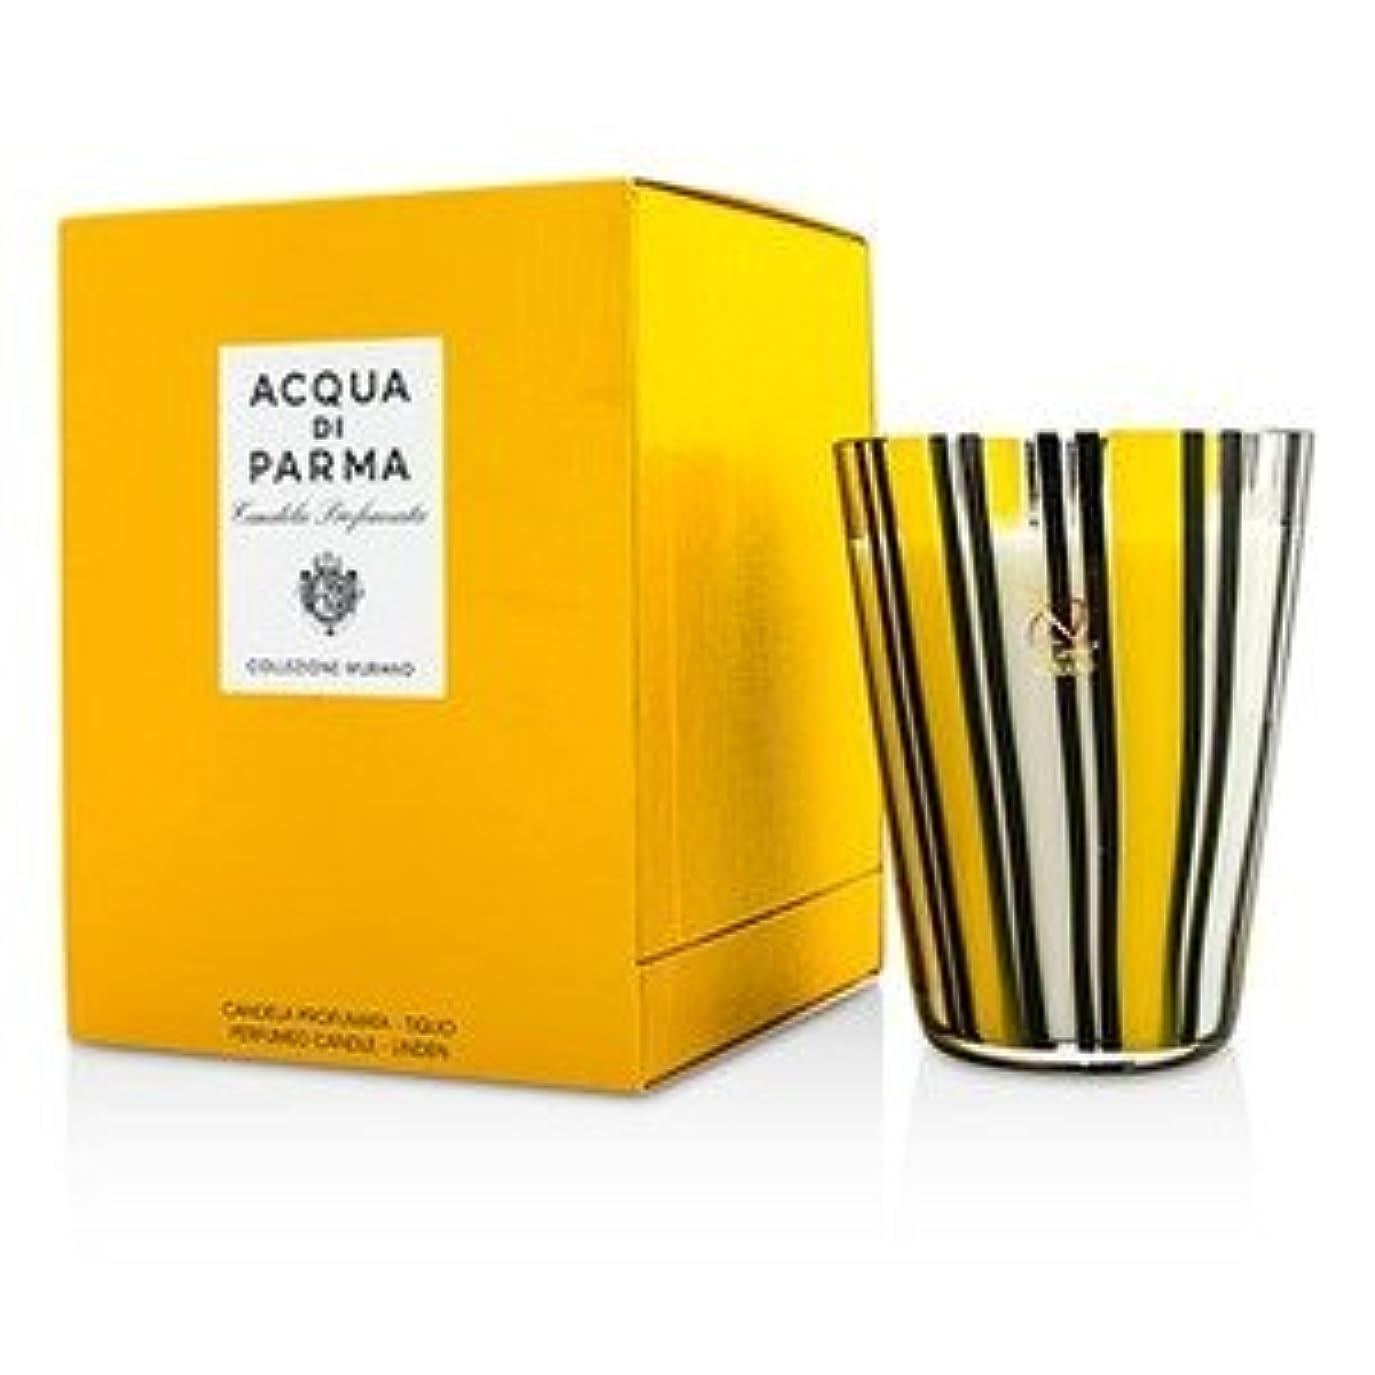 尊敬する実業家聡明アクア ディ パルマ[Acqua Di Parma] ムラノ グラス パフューム キャンドル - Tiglio(Linen) 200g/7.05oz [並行輸入品]